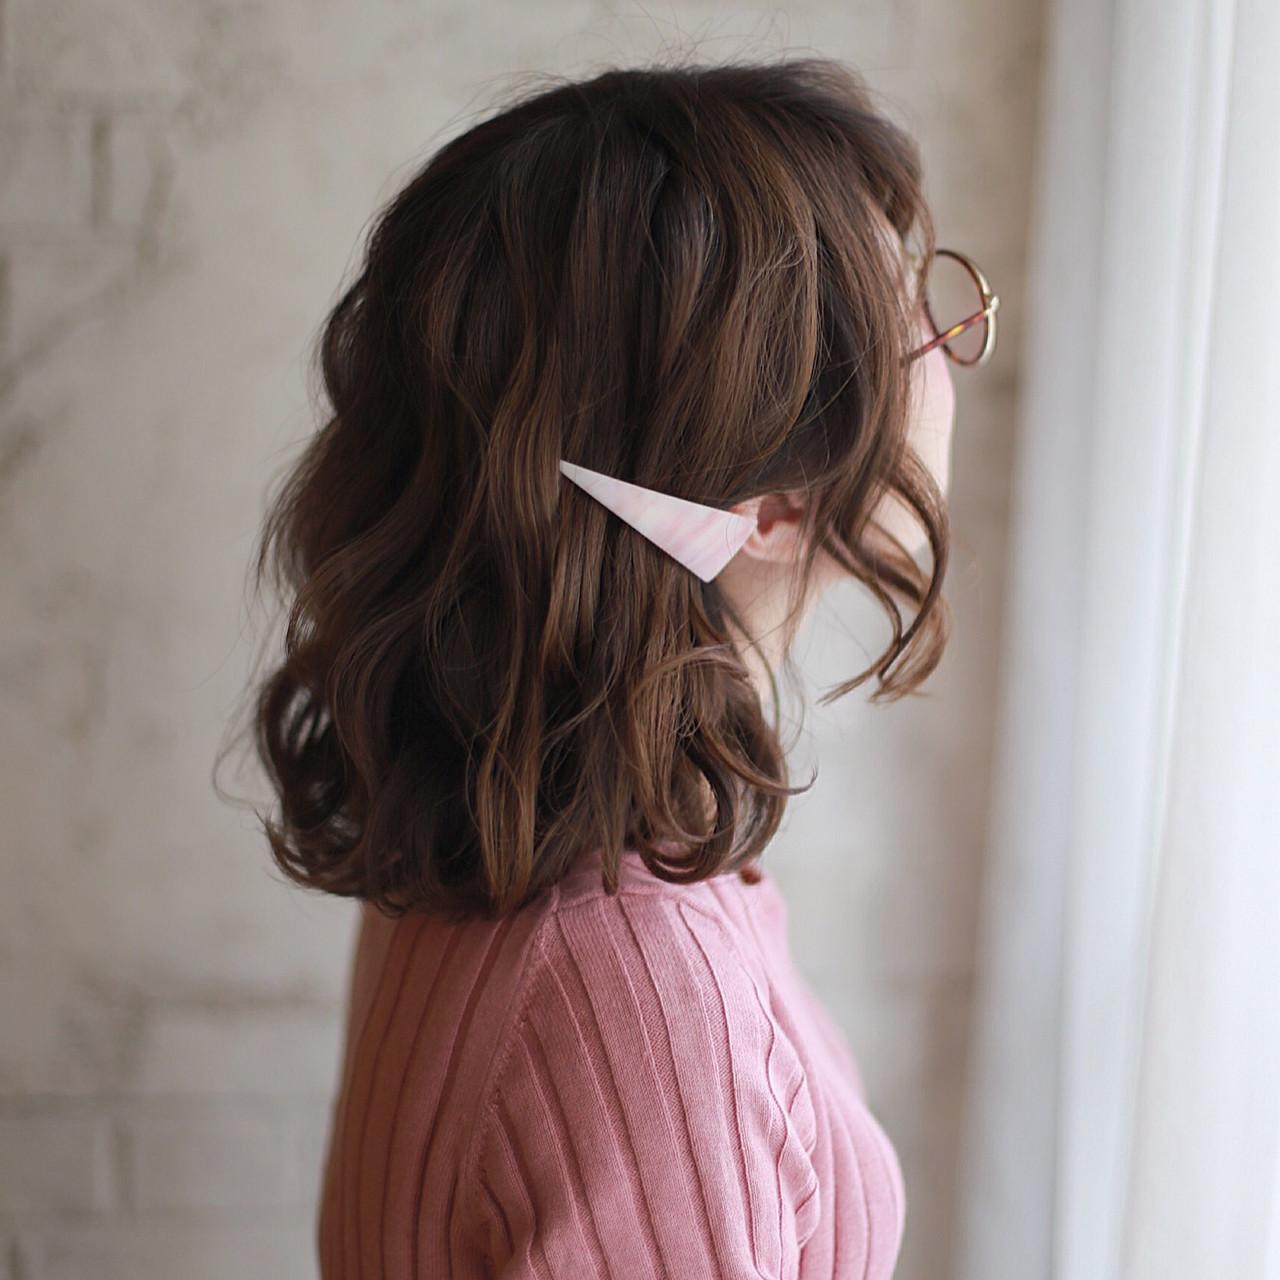 ゆるふわ 簡単ヘアアレンジ ボブ ヘアアレンジ ヘアスタイルや髪型の写真・画像 | 谷本将太 nalu hair / nalu hair  (ナルーヘアー)